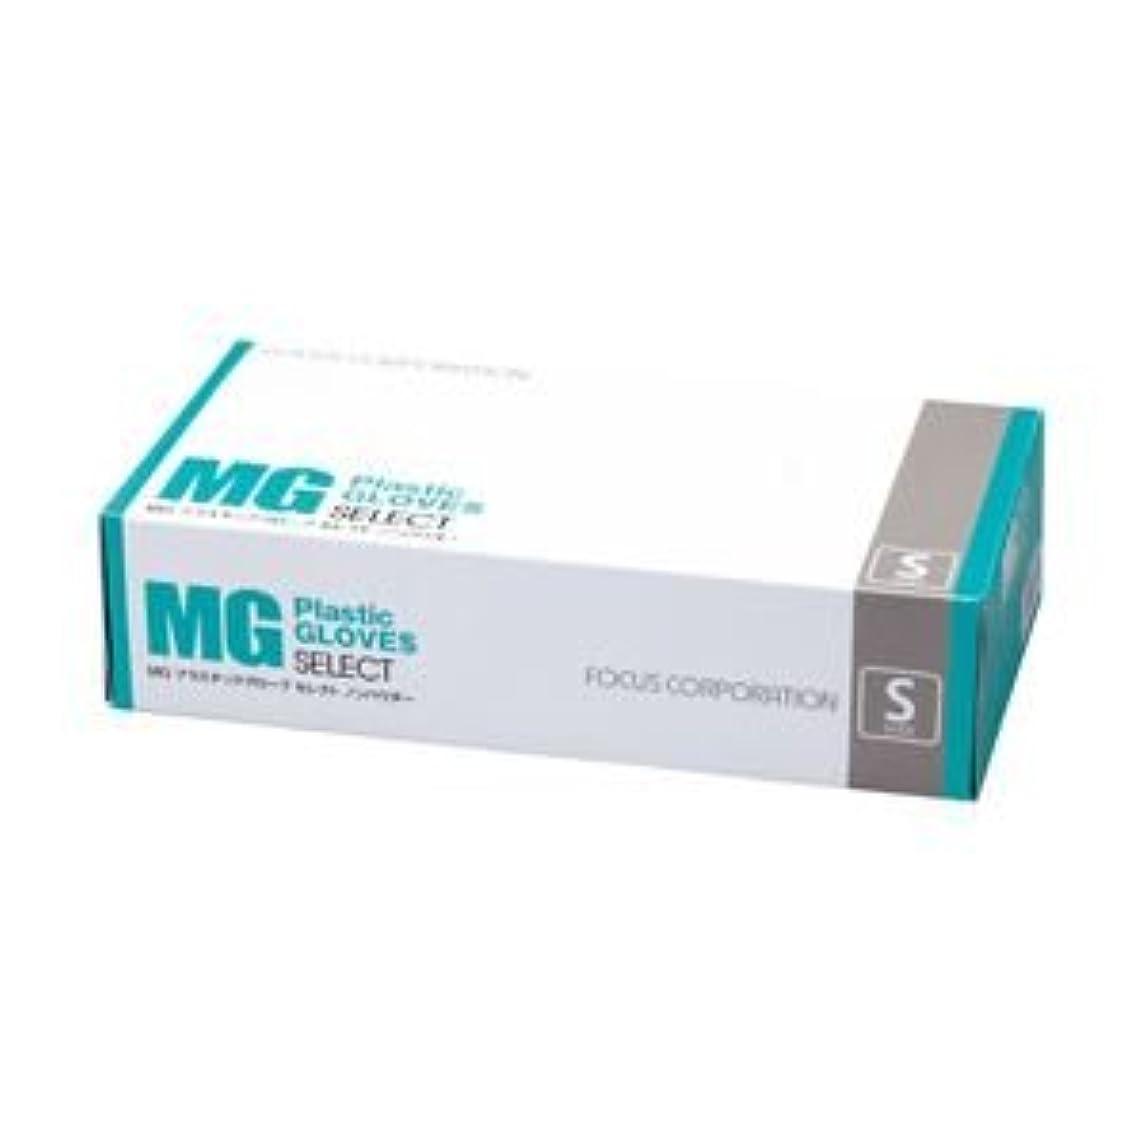 部ペルセウス不適当フォーカス (業務用セット) MGプラスチックグローブSELECT 粉なし 半透明 1箱(100枚) Sサイズ (×10セット)